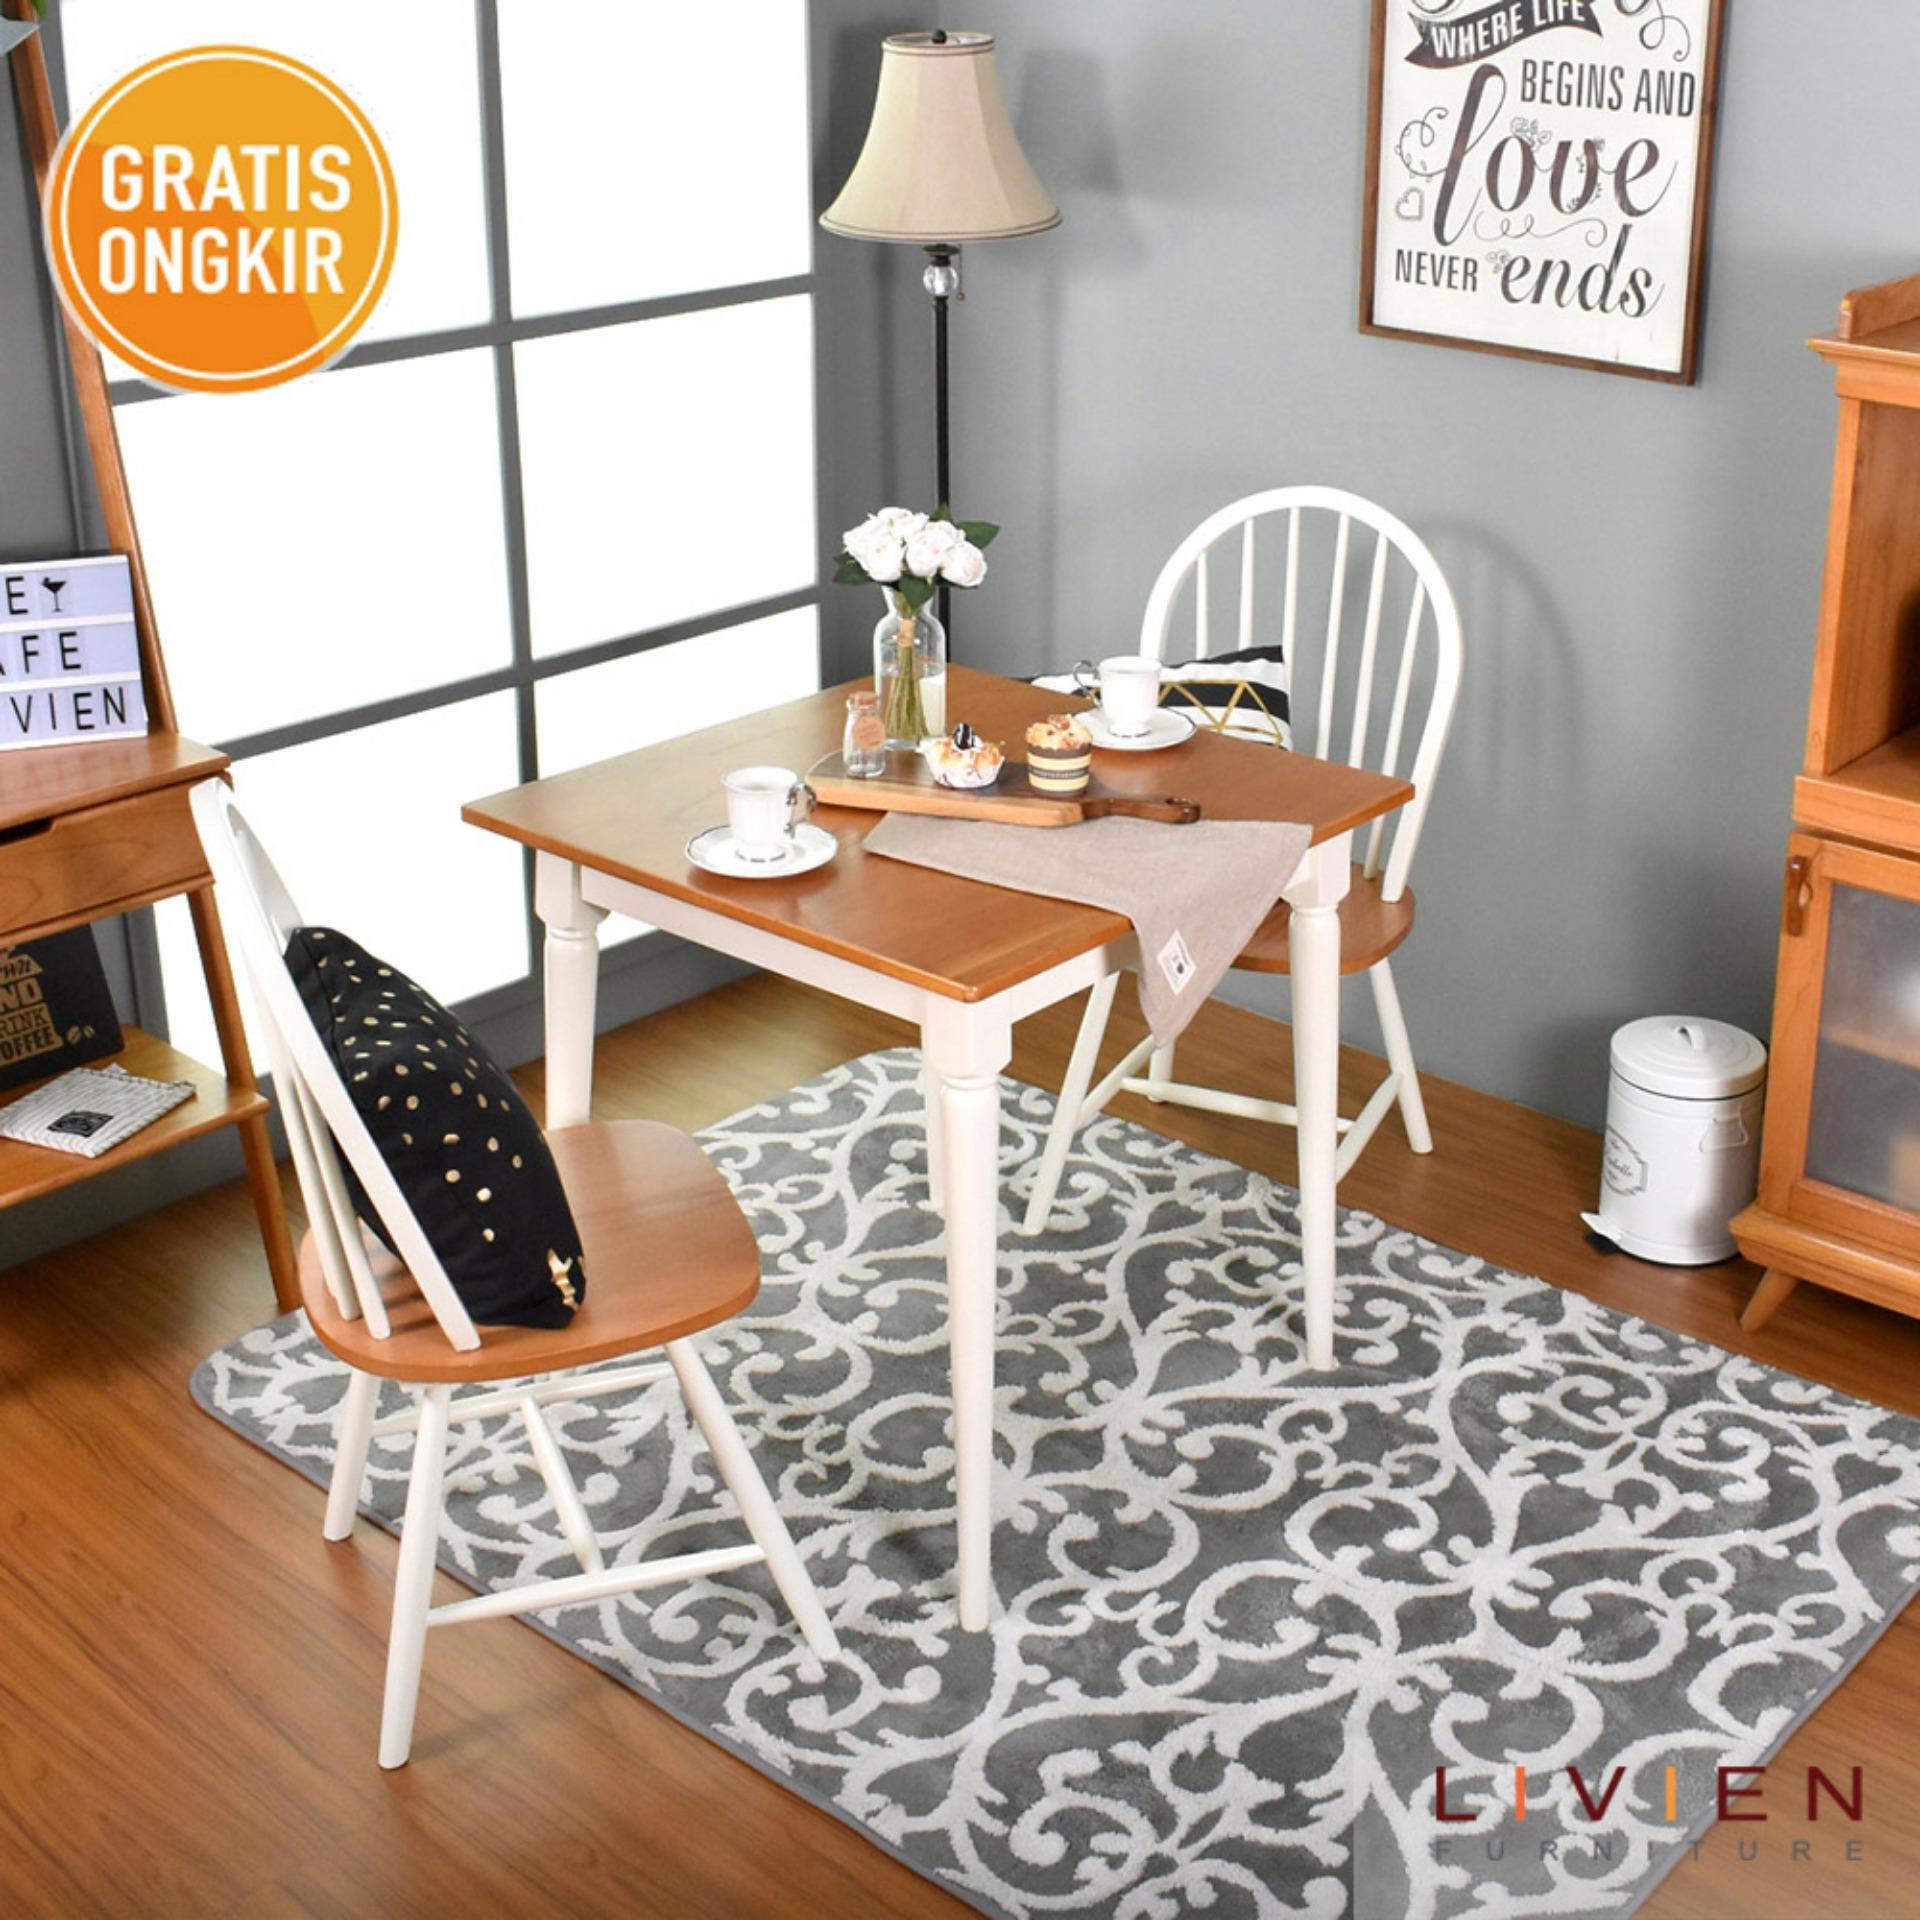 Info Harga Furniture Meja Makan Set Terupdate 2 Kursi Dan 1 Bench 120 Bangku Maple Story